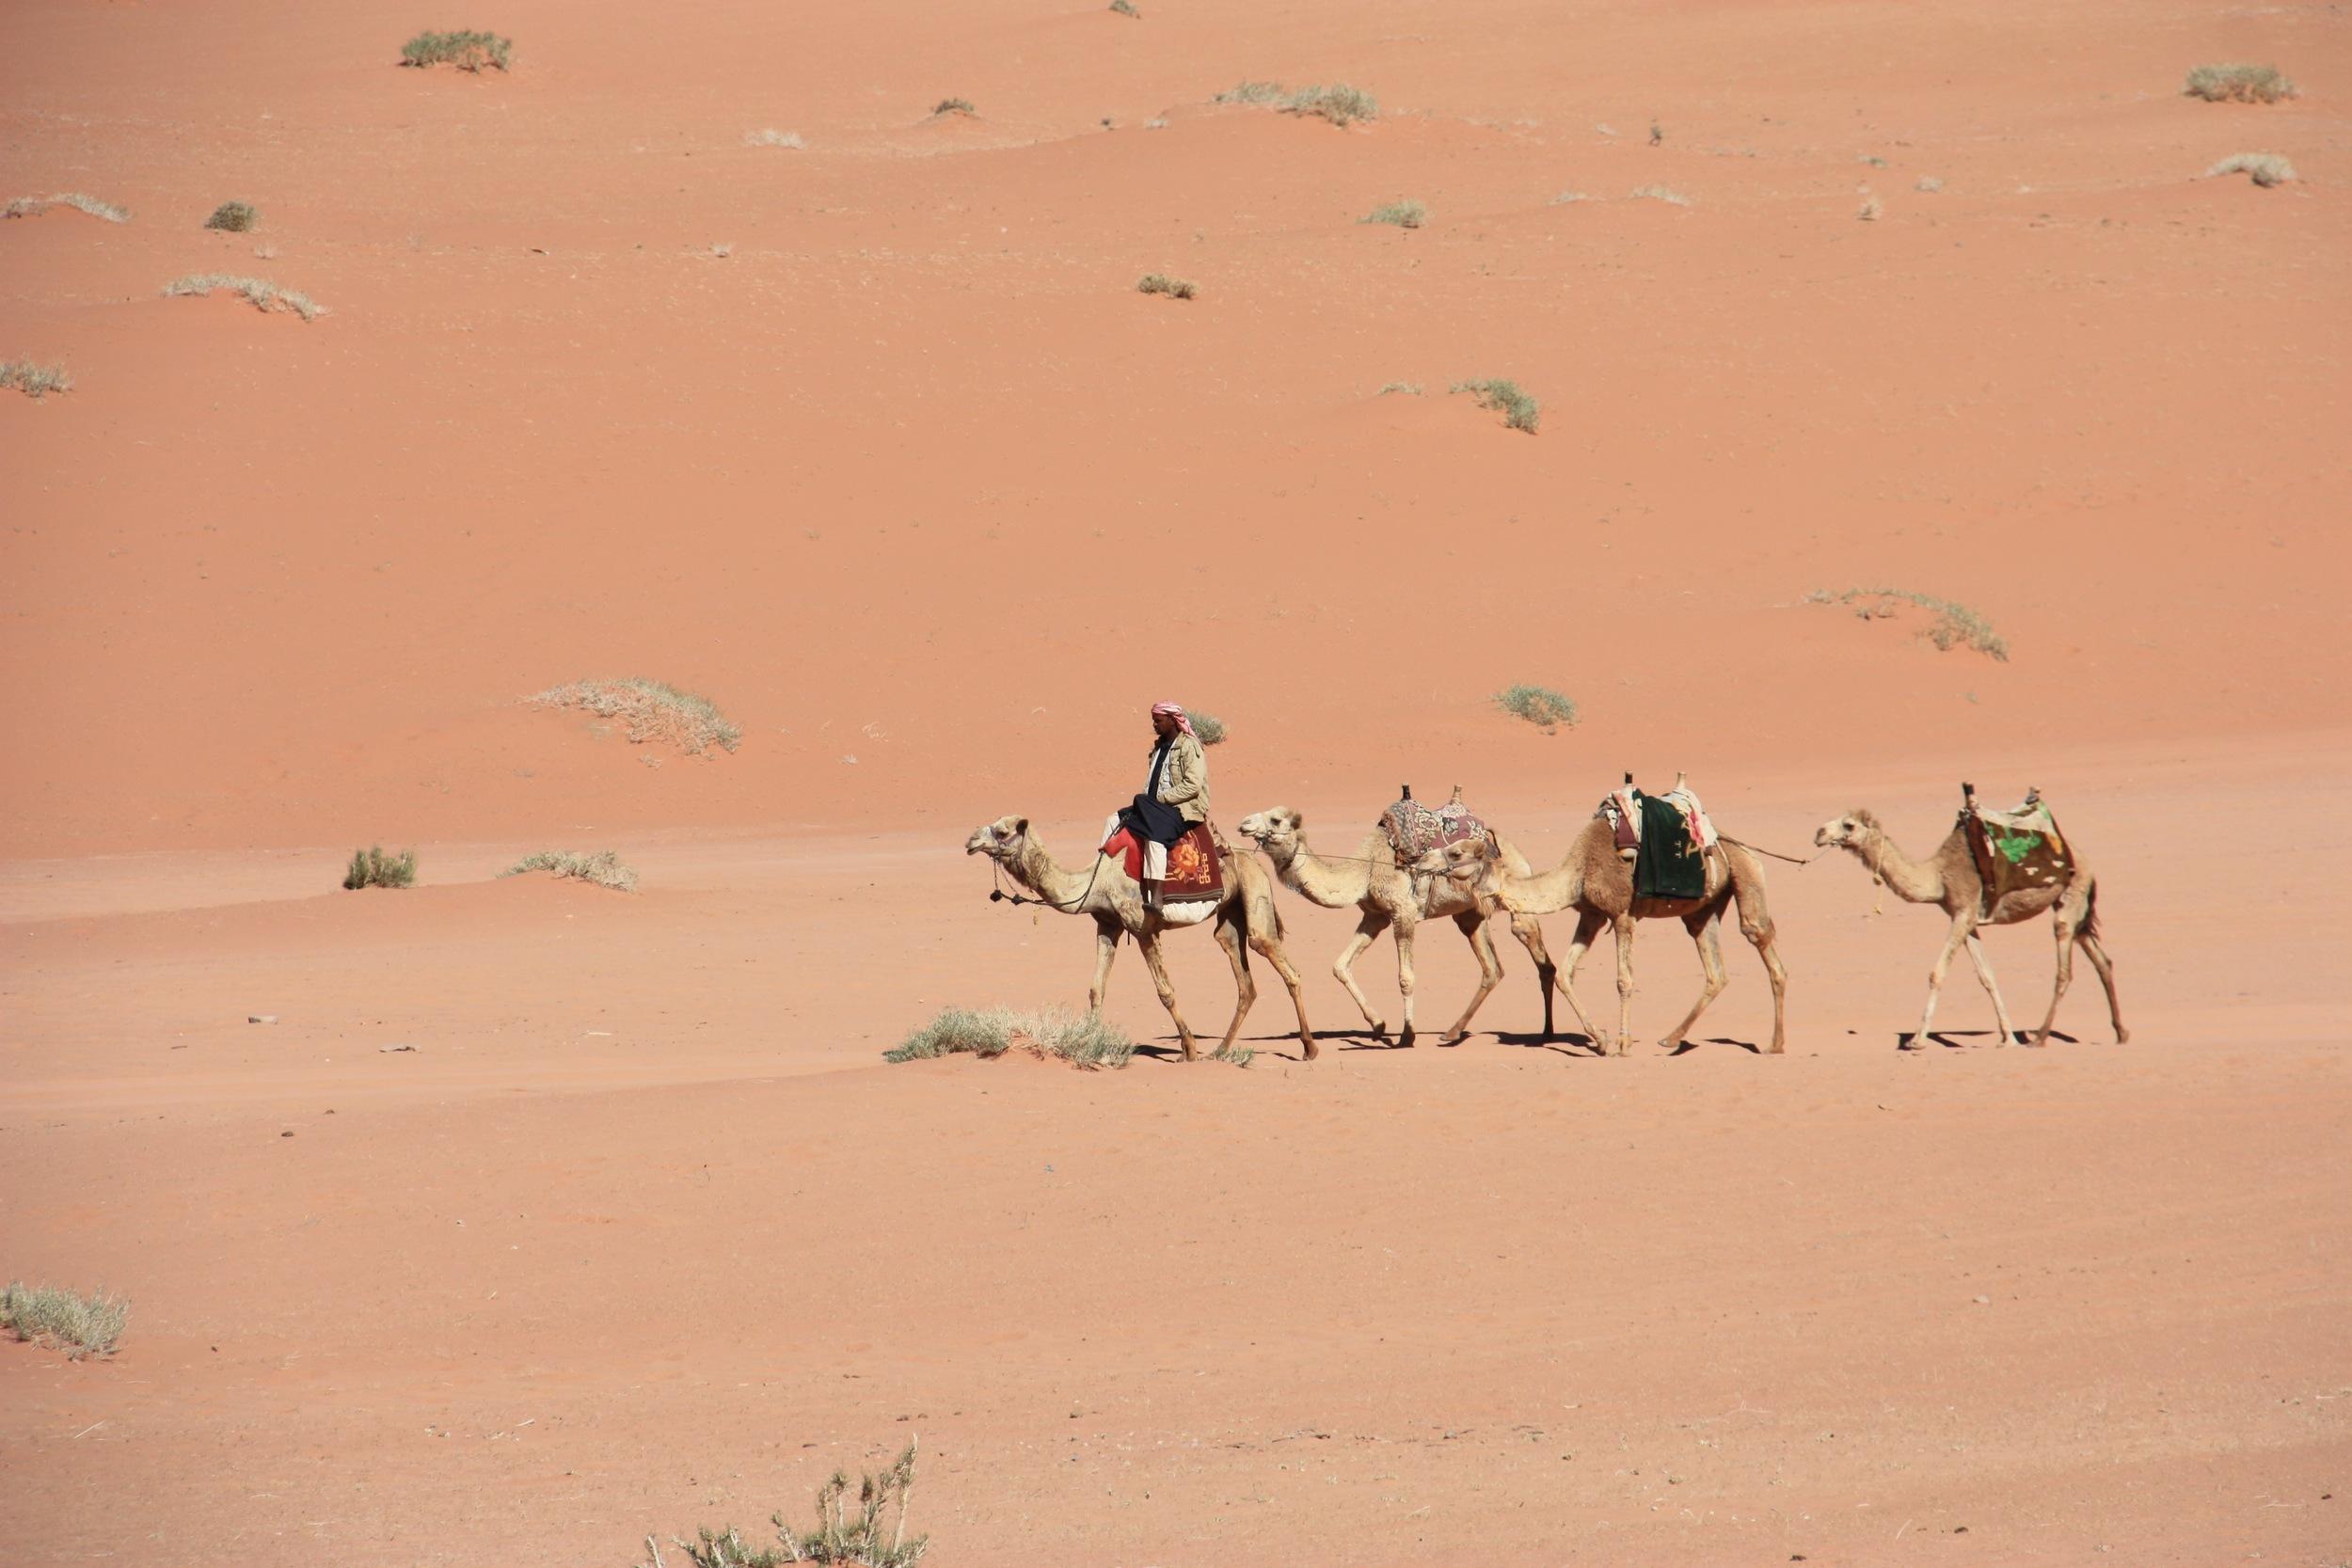 Camels in the Wadi Rum desert, Jordan - 3 Days*